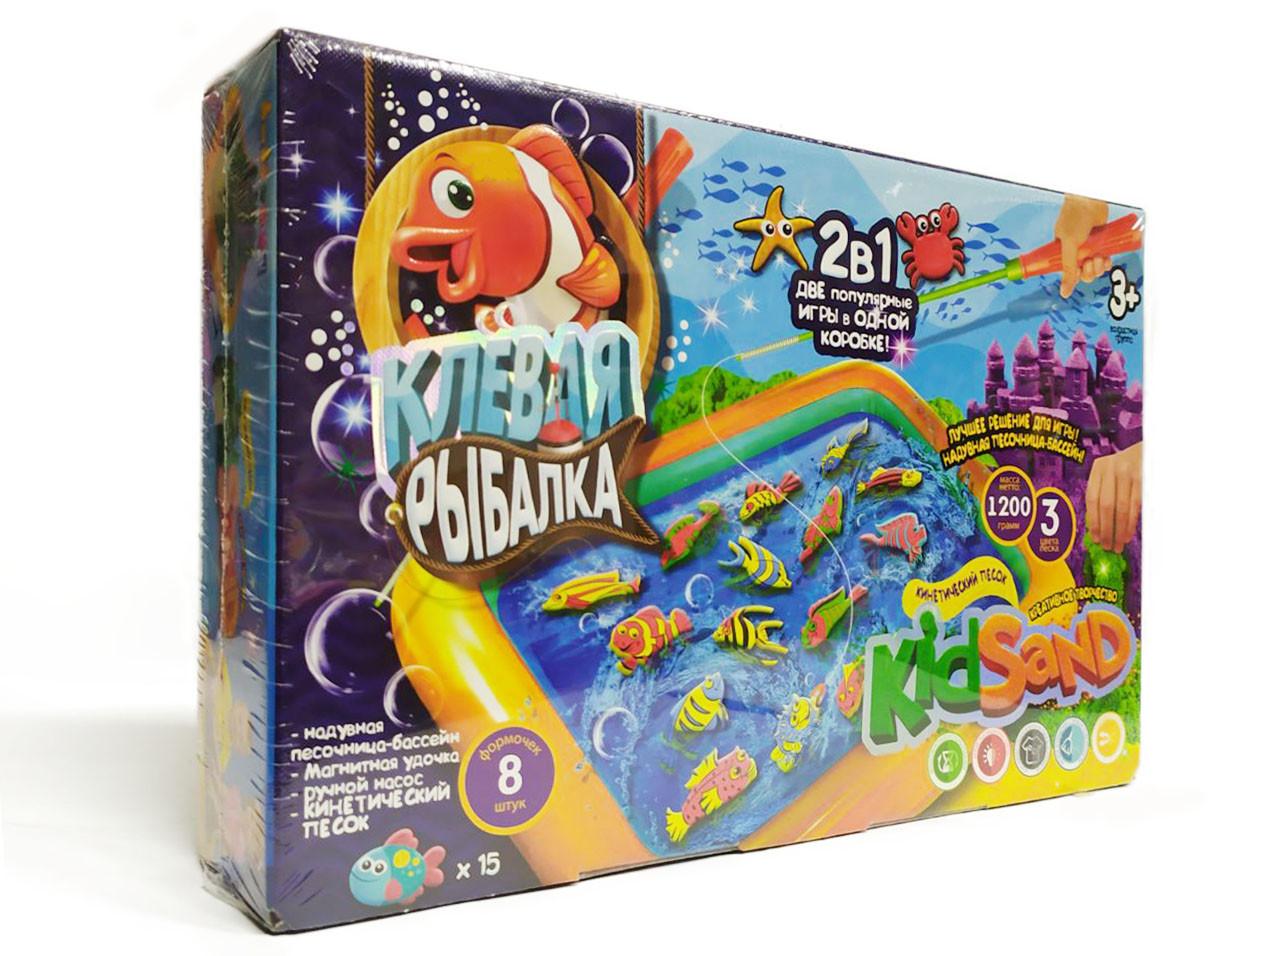 Настольная развлекательная игра Клевая рыбалка KRKS-01-01